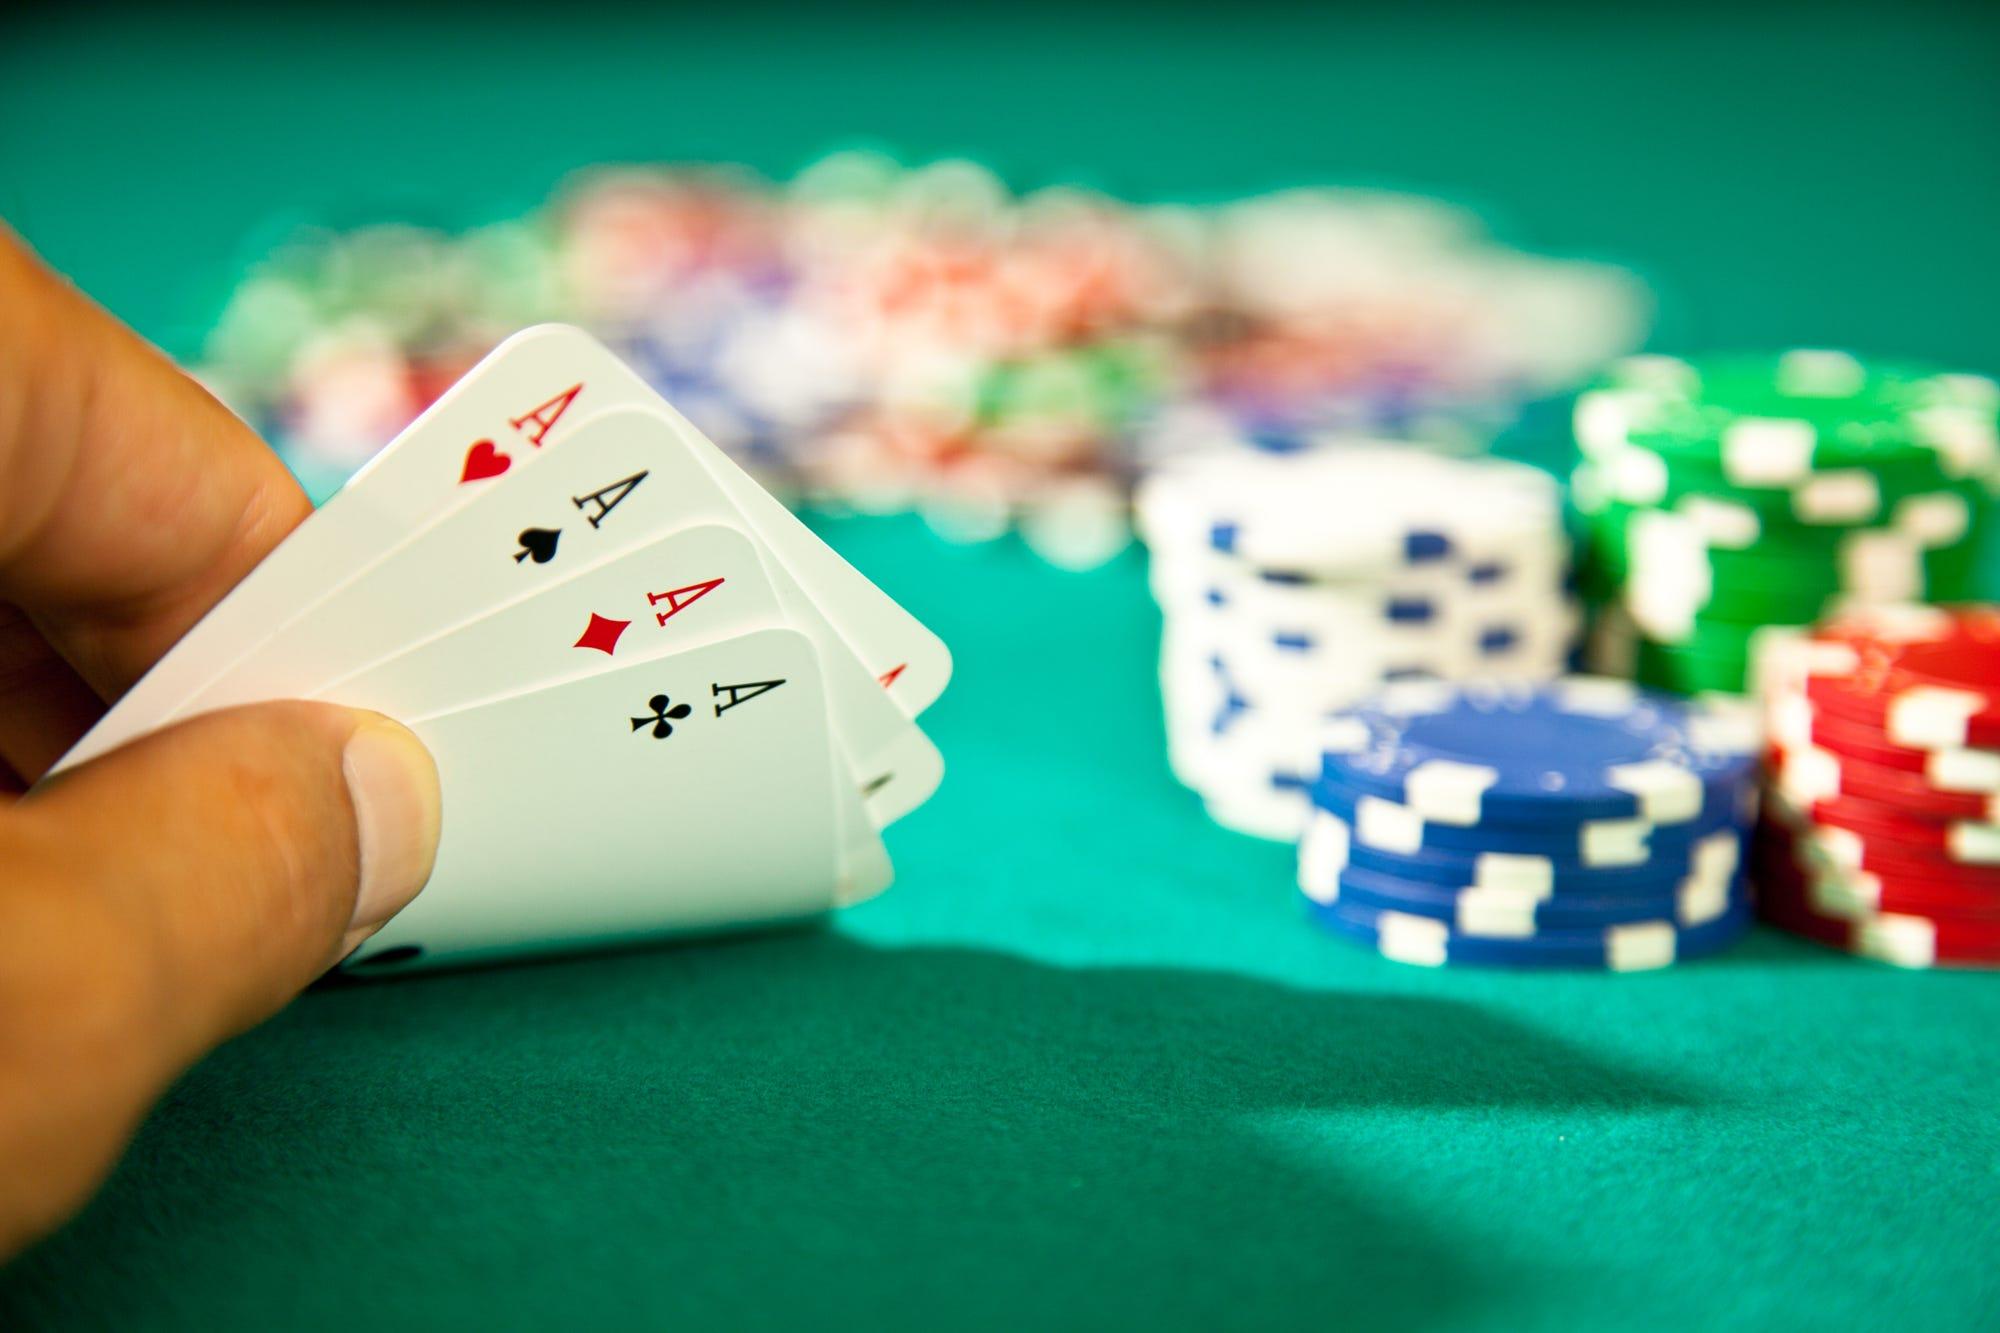 На фото: © Опрос: во что вы играете, после того как закрыли казино?, автор: admin